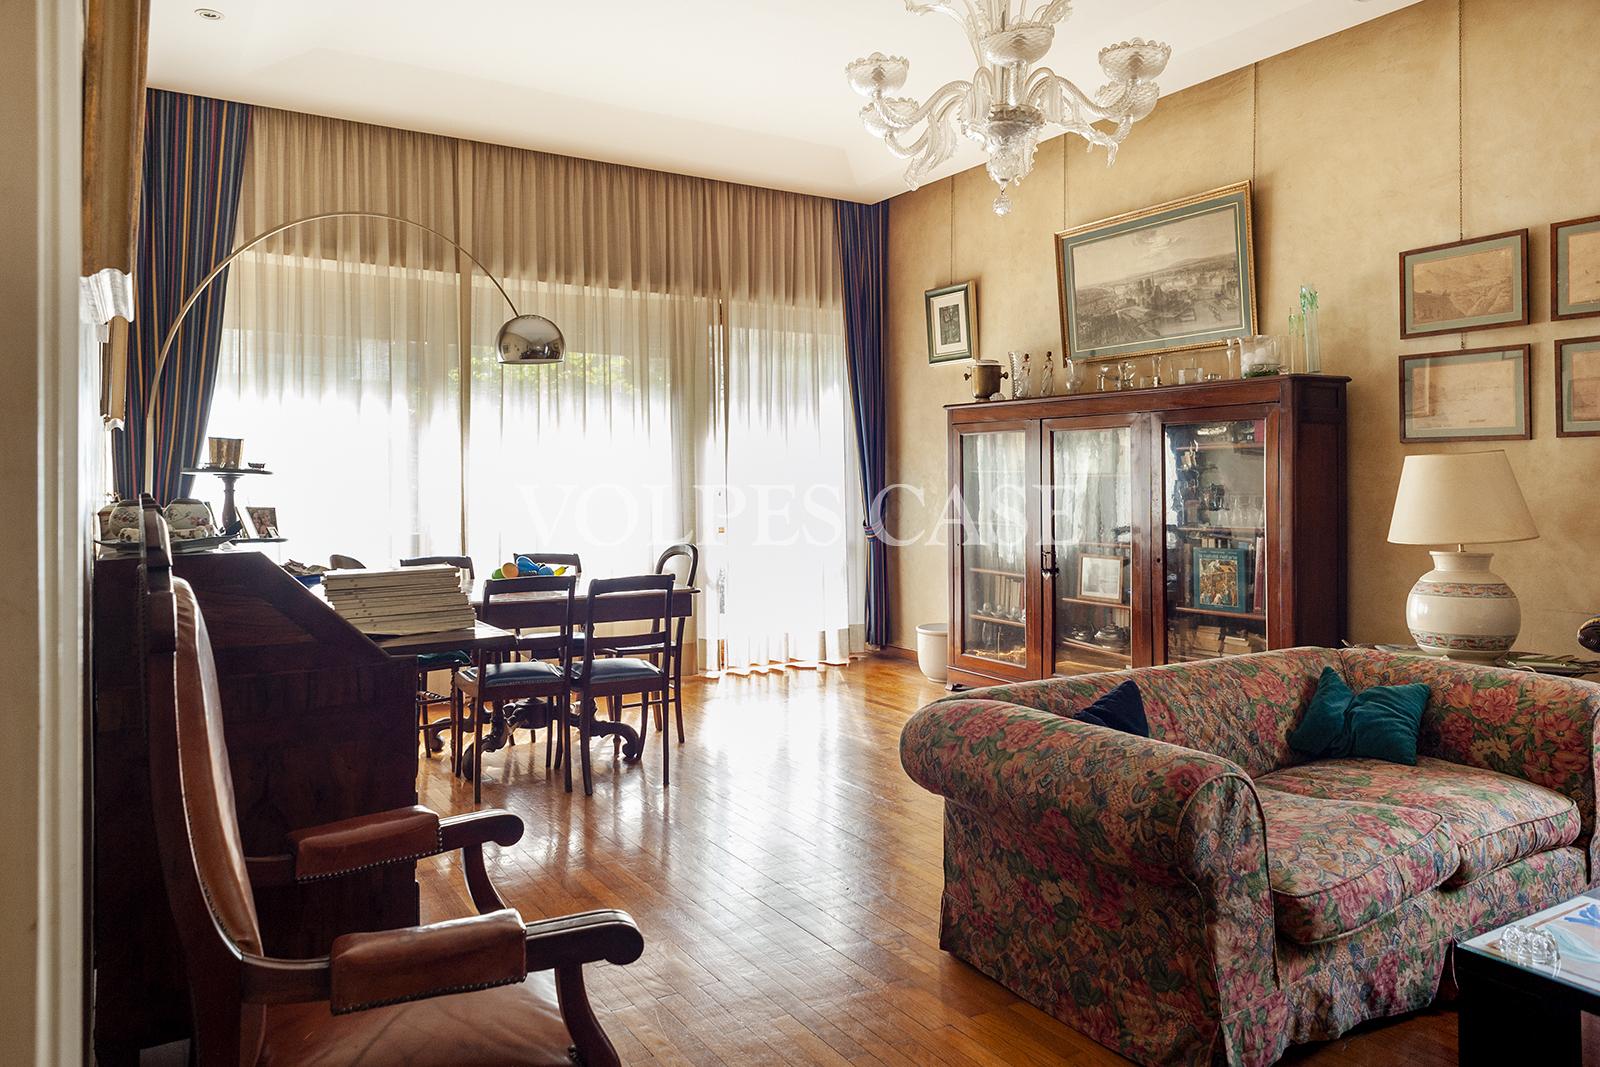 Appartamento in vendita a Roma, 4 locali, zona Zona: 2 . Flaminio, Parioli, Pinciano, Villa Borghese, prezzo € 675.000 | CambioCasa.it